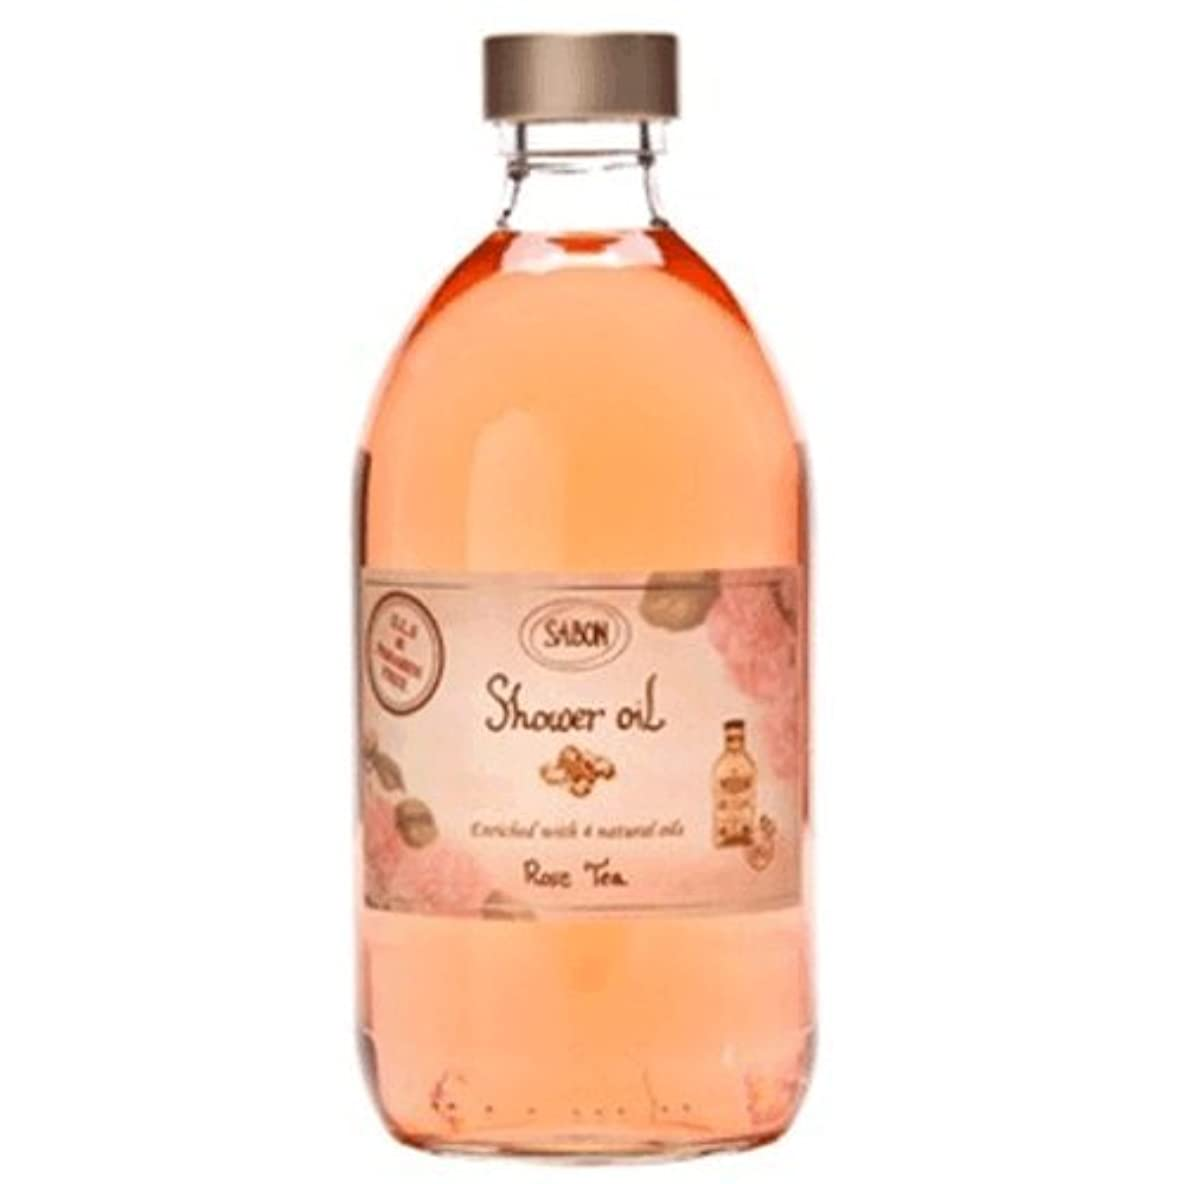 バルセロナ流行しているおめでとう【サボン】シャワーオイル ローズティー(Rose Tea) ポンプ付き 500ml